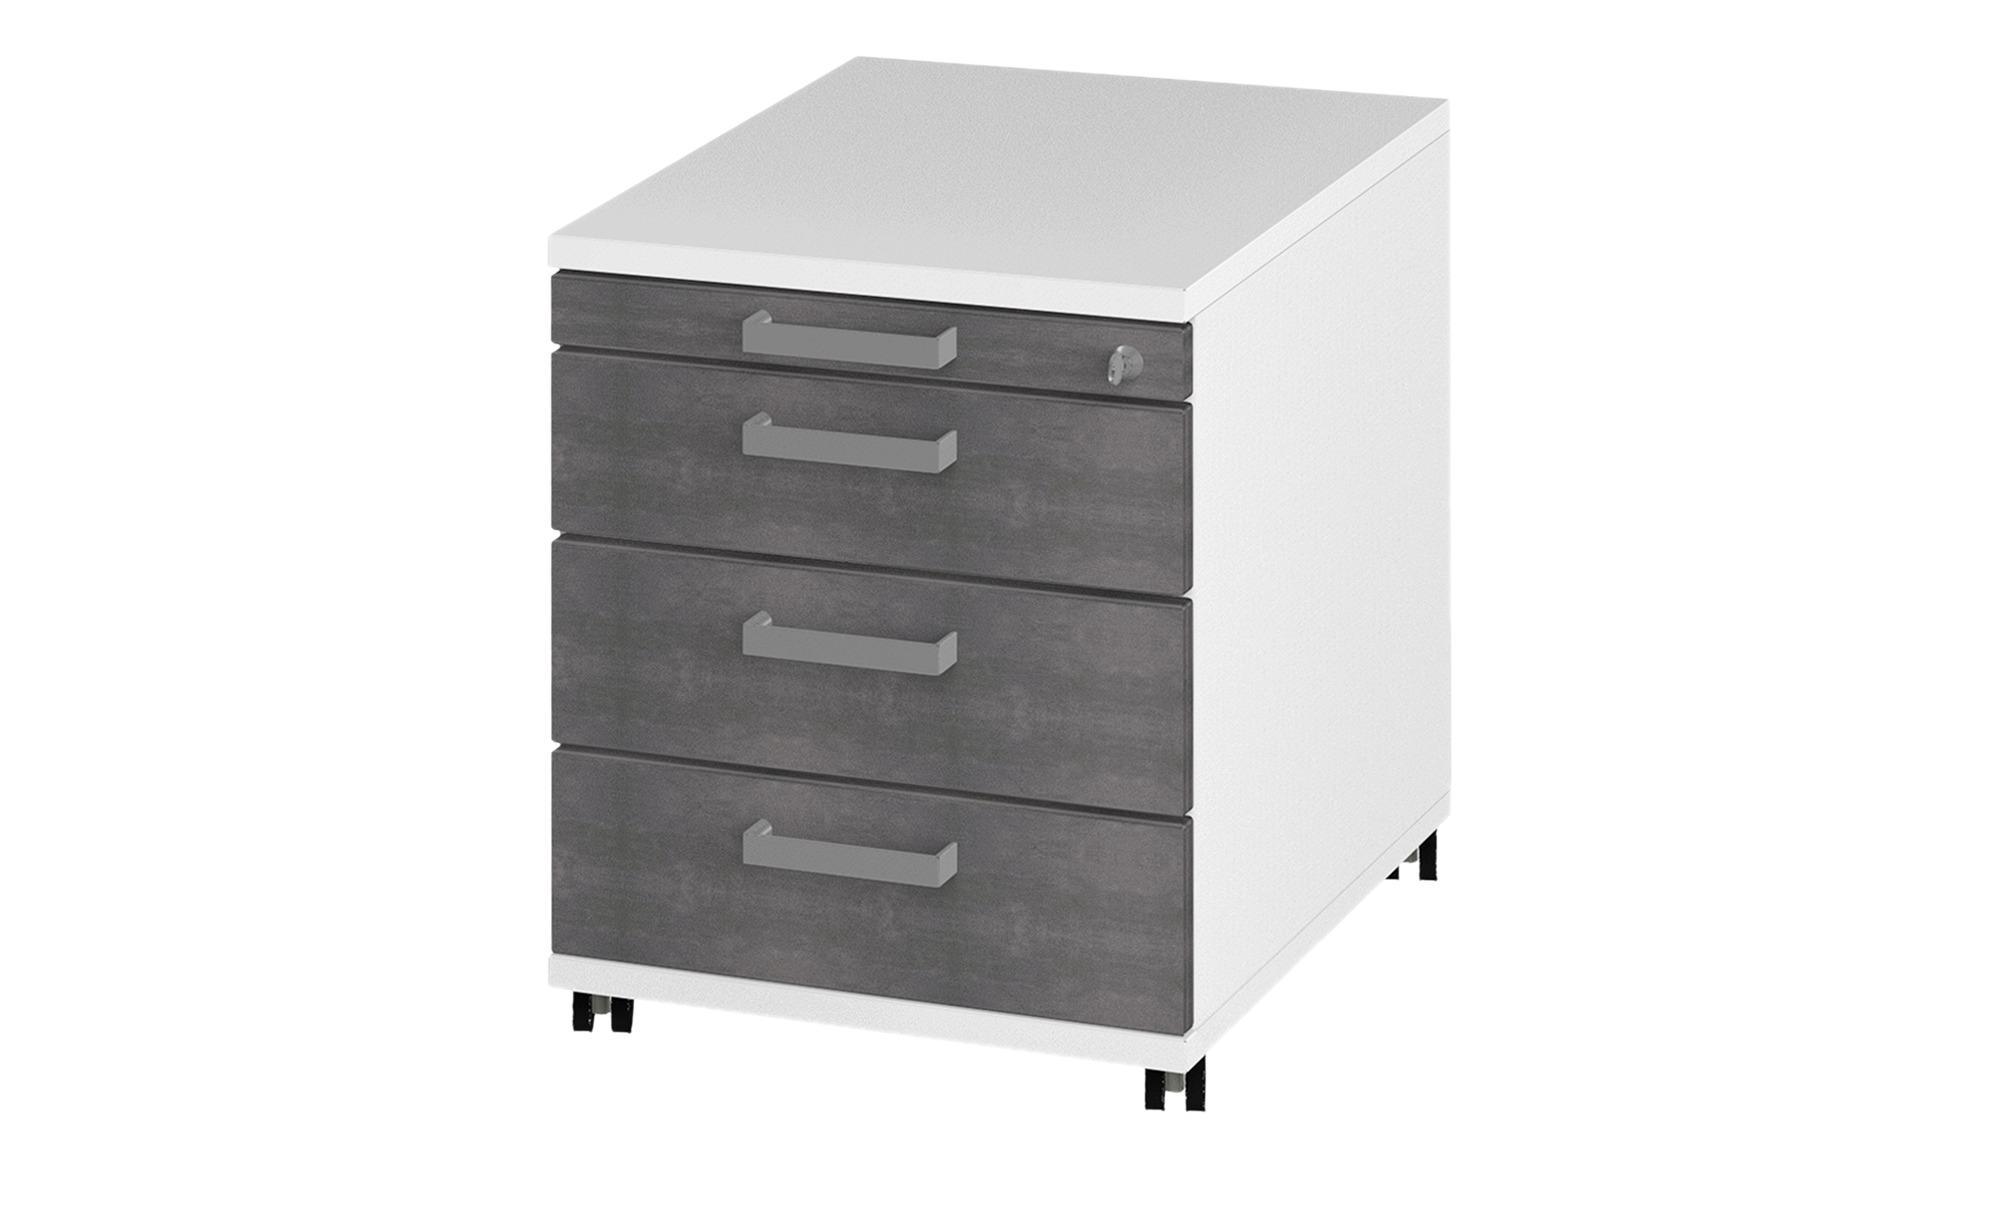 Rollcontainer  Objekt plus ¦ grau ¦ Maße (cm): B: 43,1 H: 53,7 T: 57,7 Schränke > Rollcontainer - Höffner